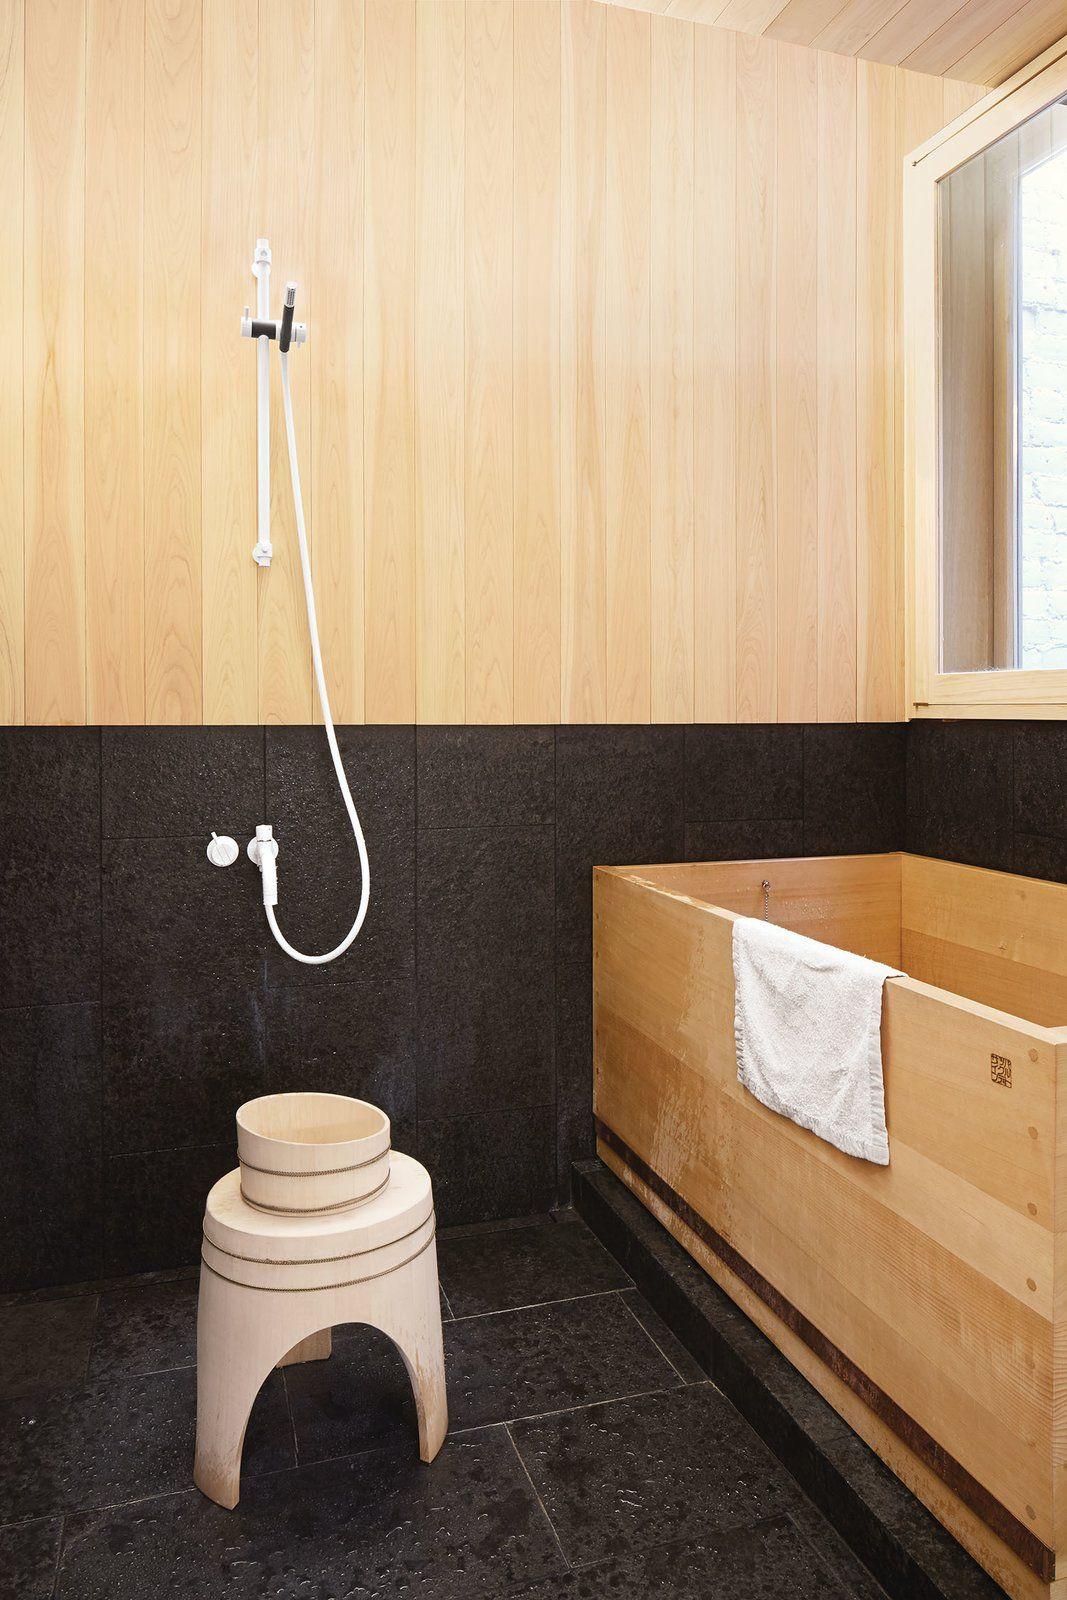 Salle De Bain Japonaise ~ pin yuriiruy s p a c e s pinterest salle de bains salle et